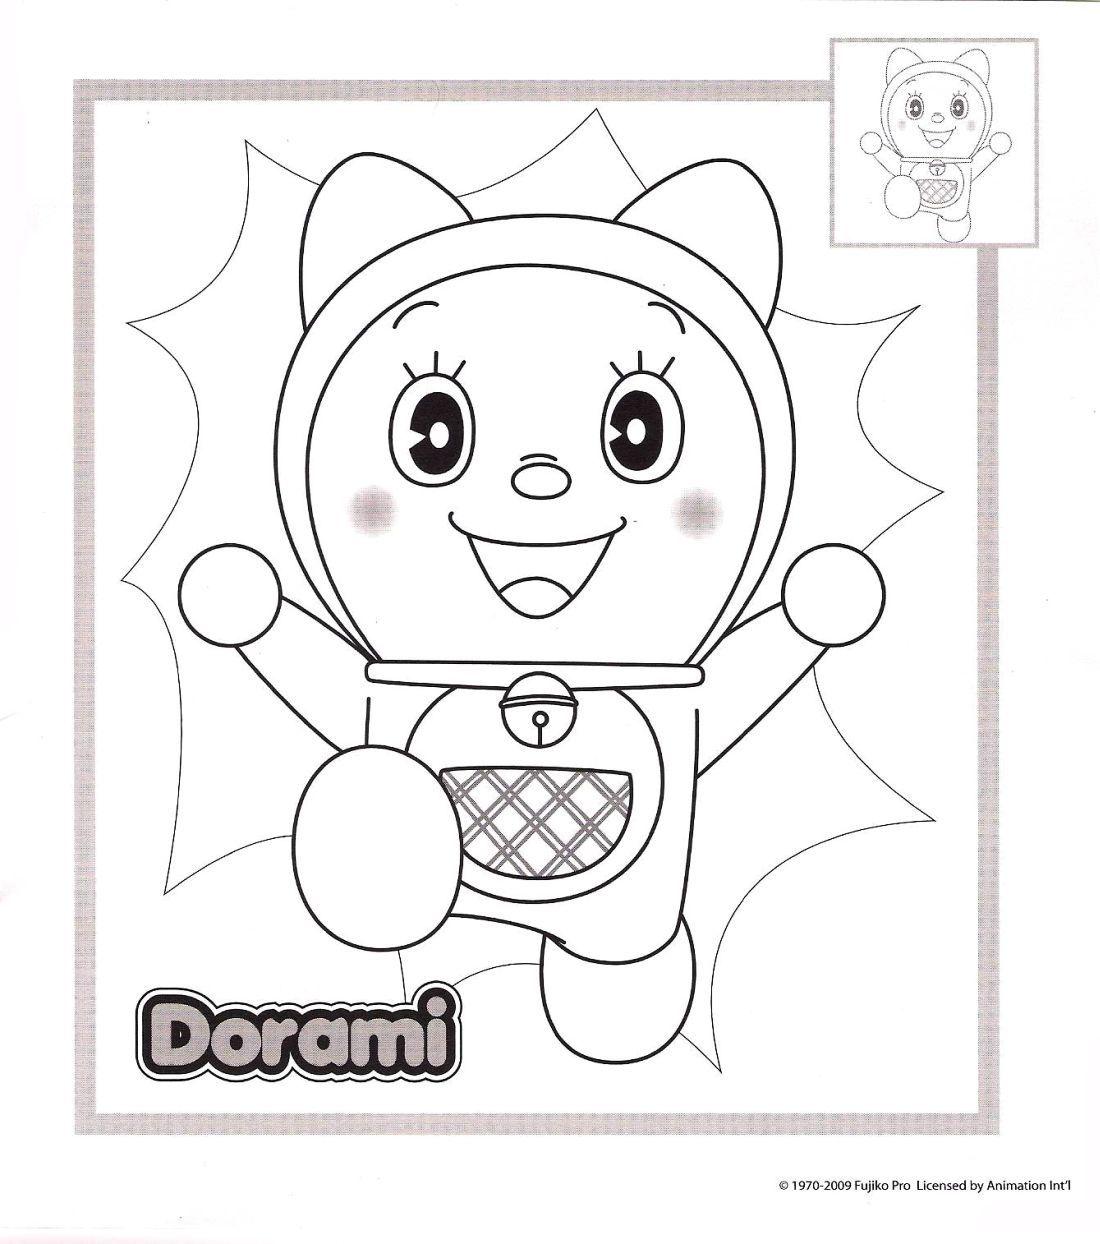 Doraemon immagini da colorare for Disegni da colorare doraemon